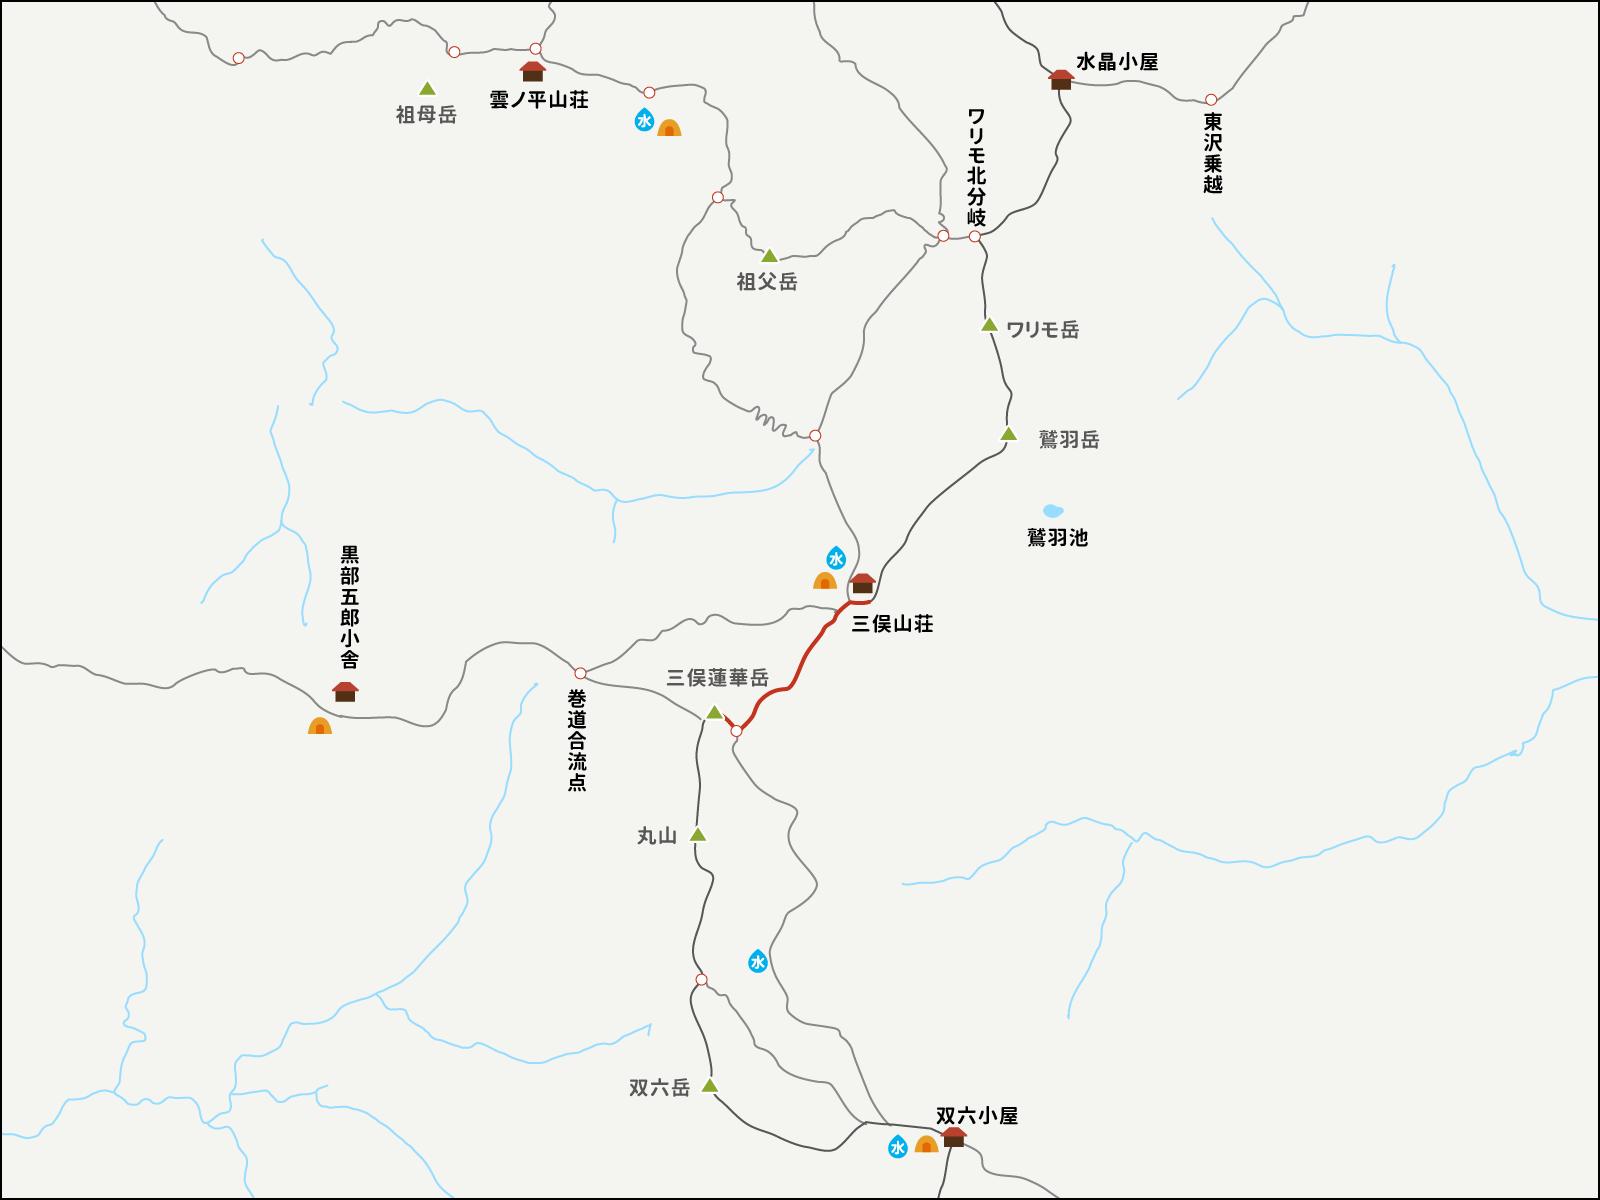 三俣山荘から三俣蓮華岳までのイラストマップ